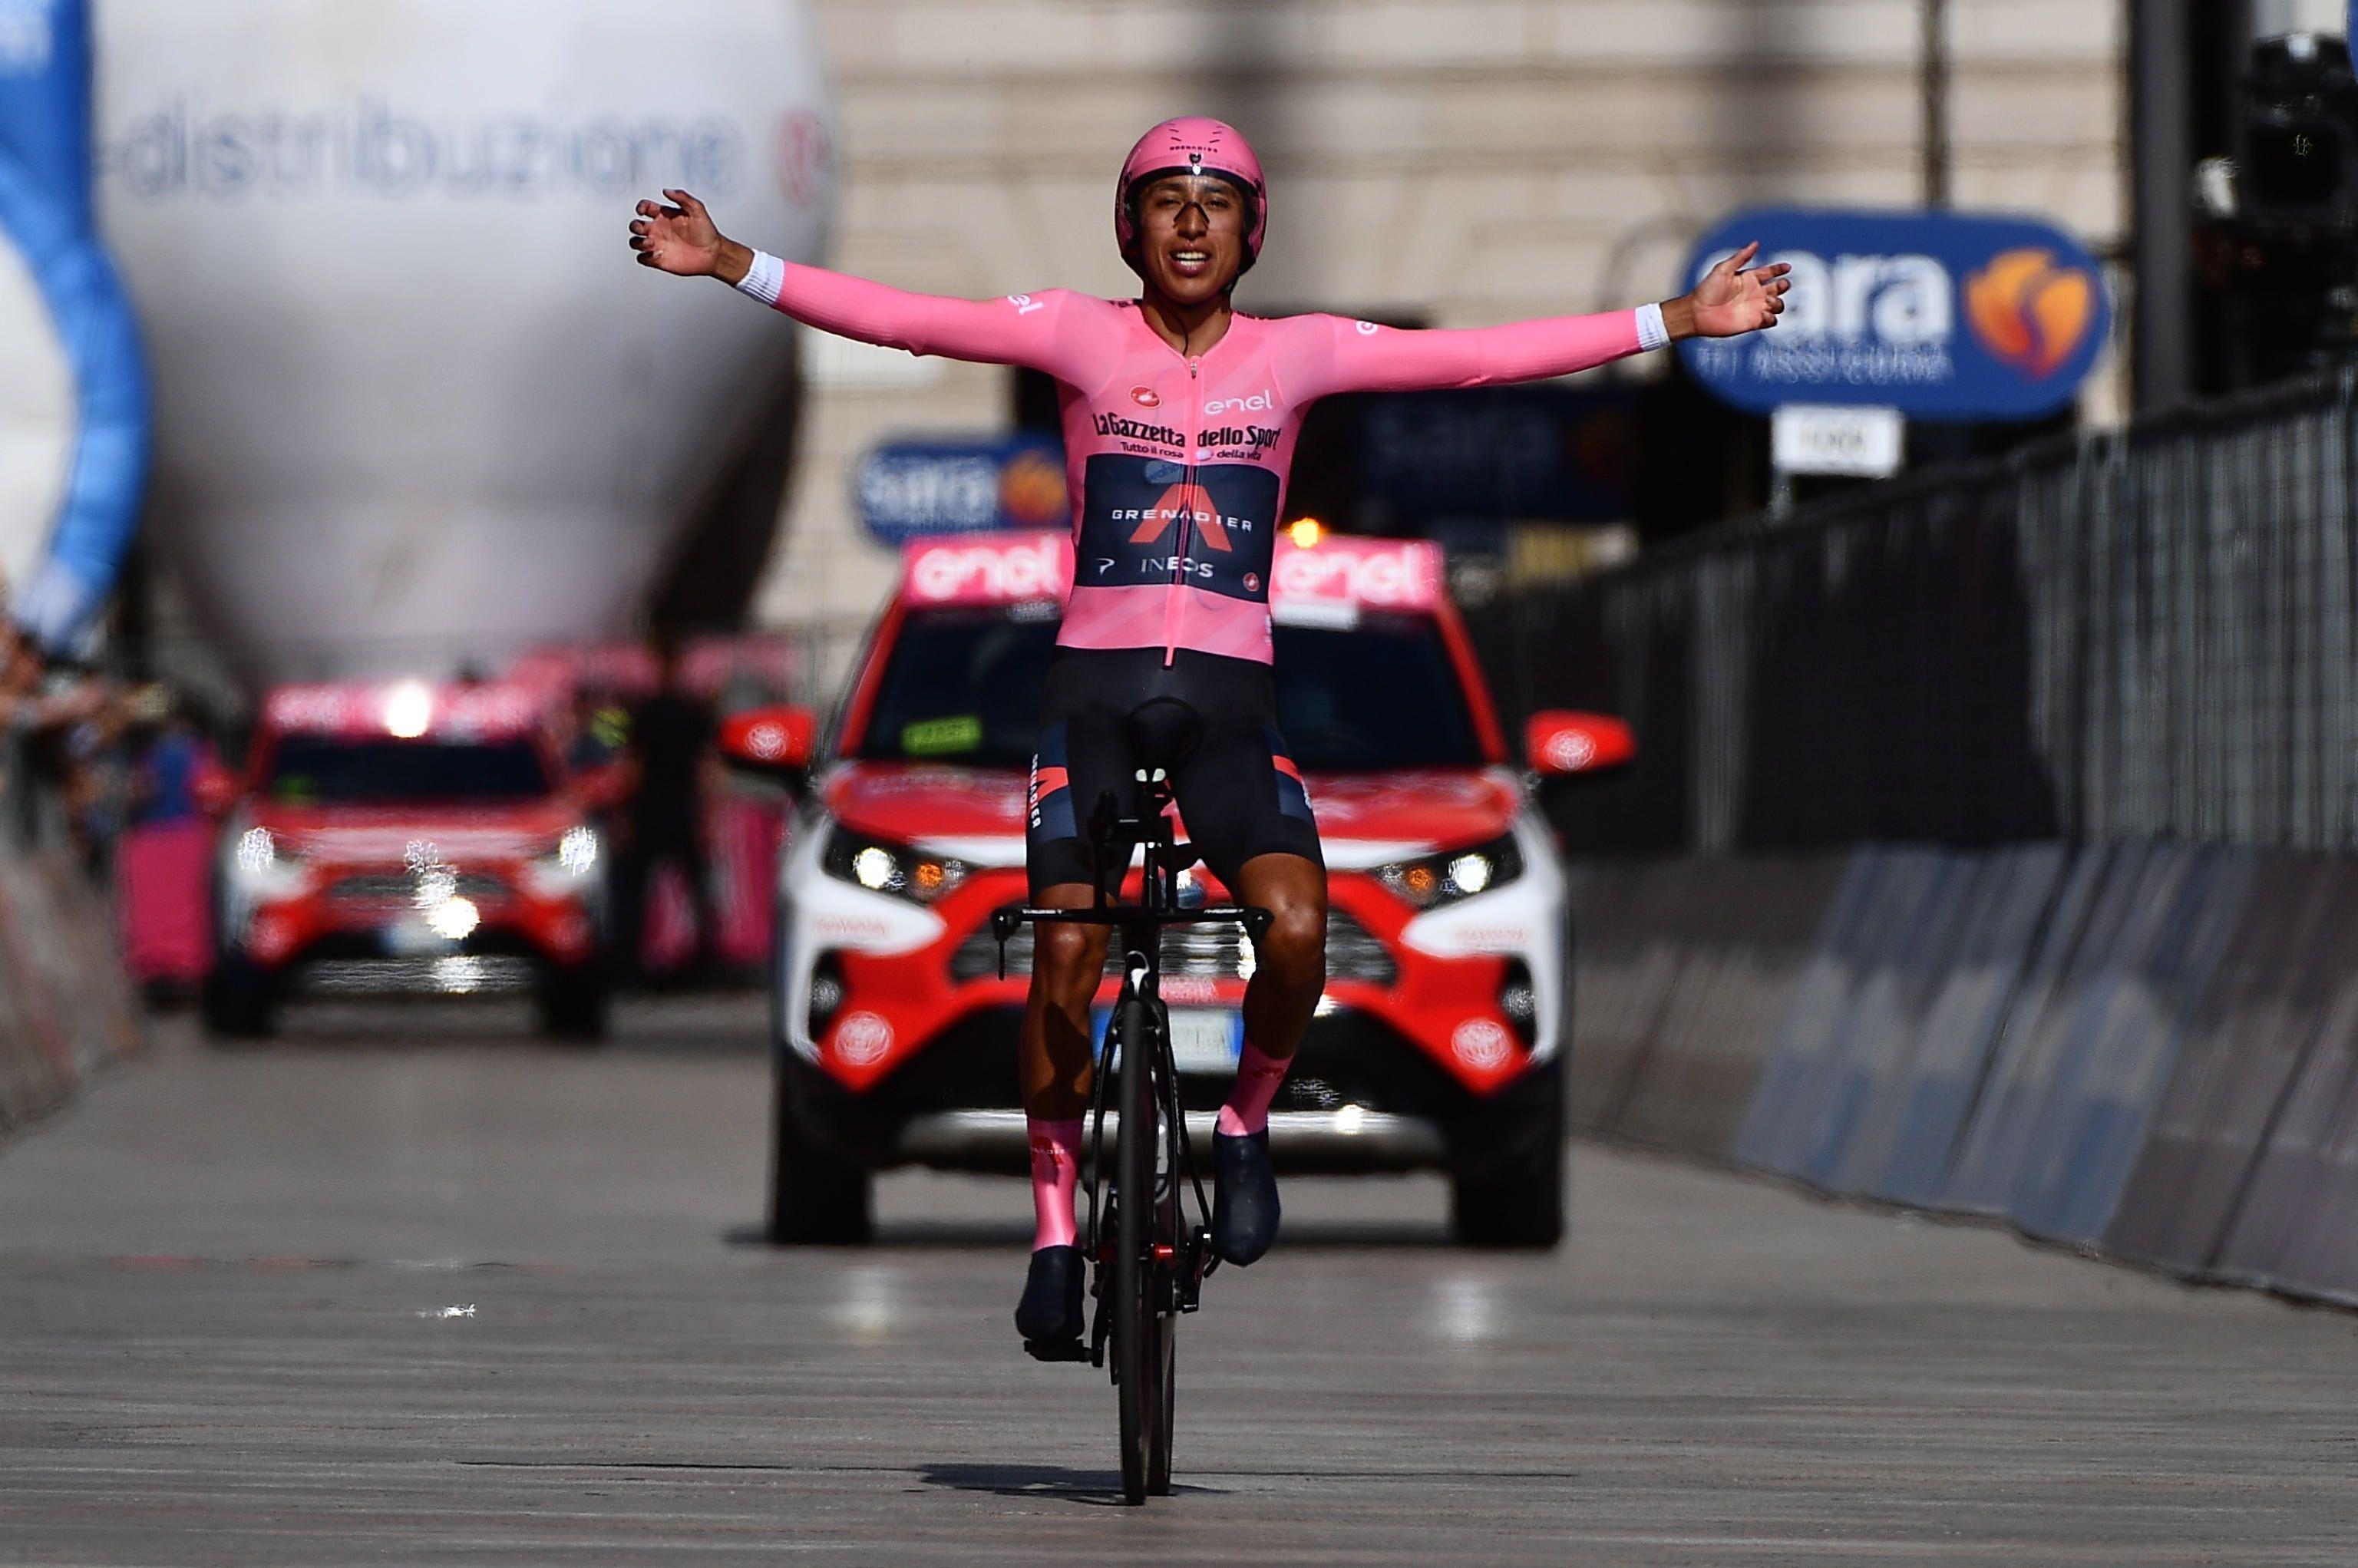 El ganador del Giro 2021, el colombiano Egan Bernal, en la línea de meta de la última etapa del Giro, el pasado 30 de mayo. EFE/EPA/LUCA ZENNARO/Archivo